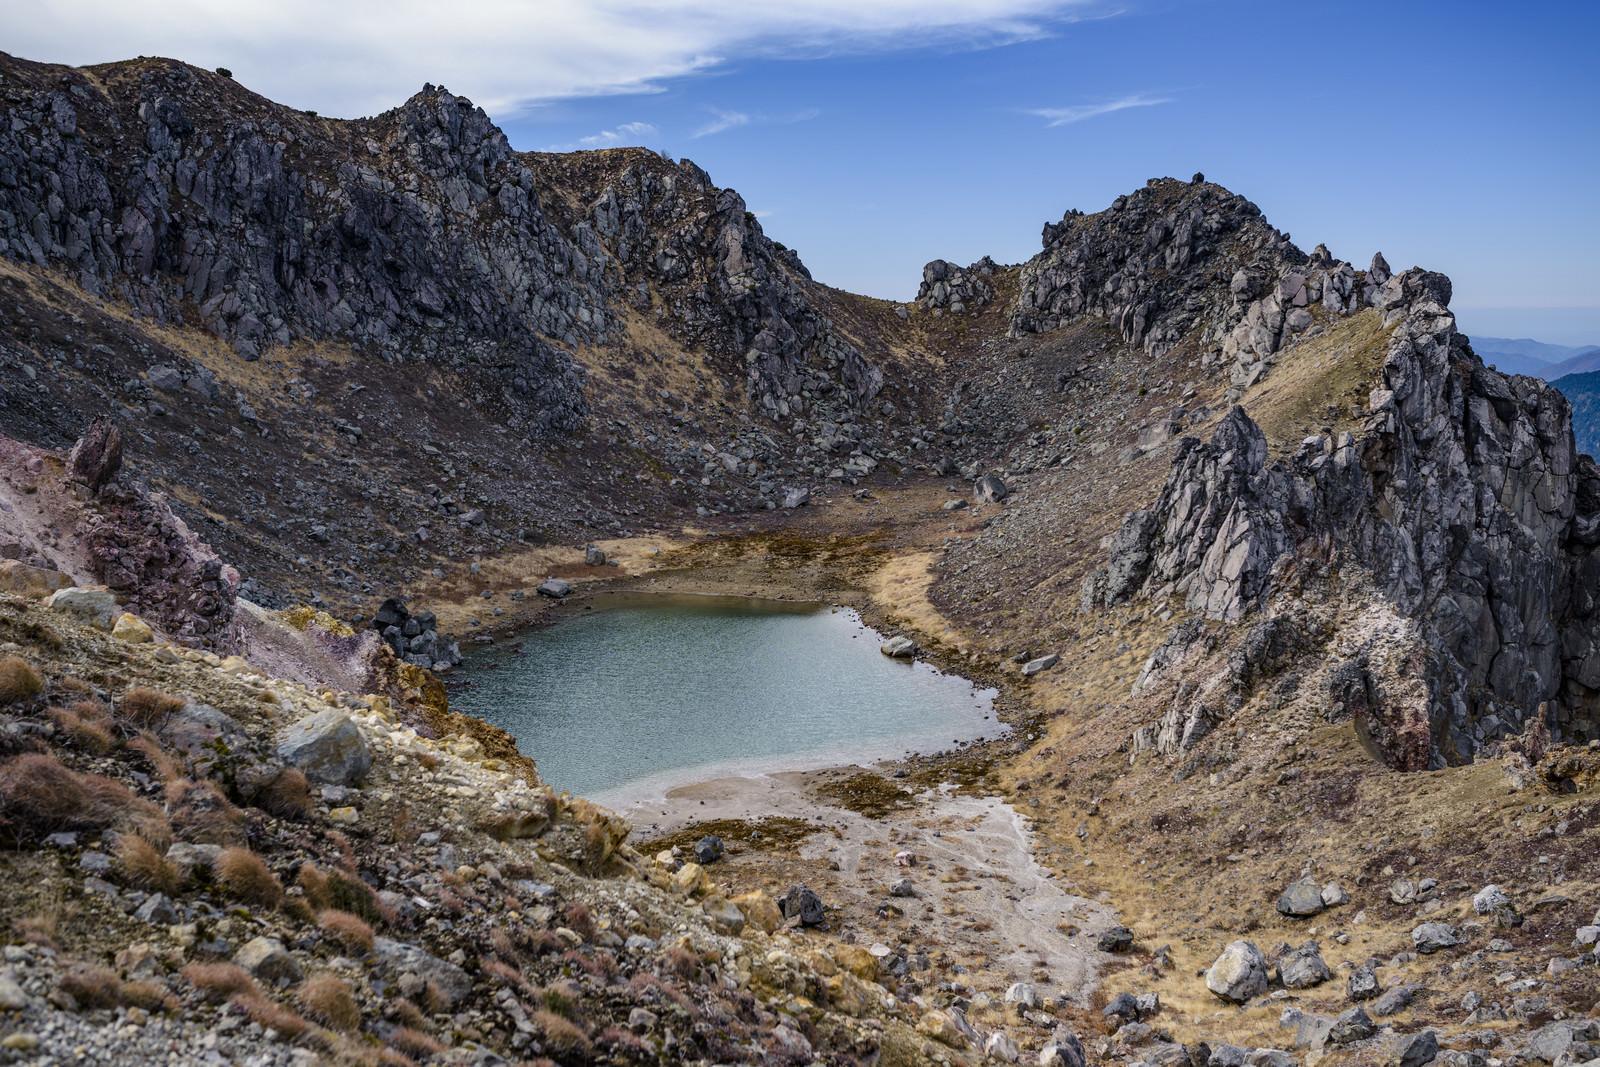 「火山性の岩に囲まれた山頂の火山湖」の写真